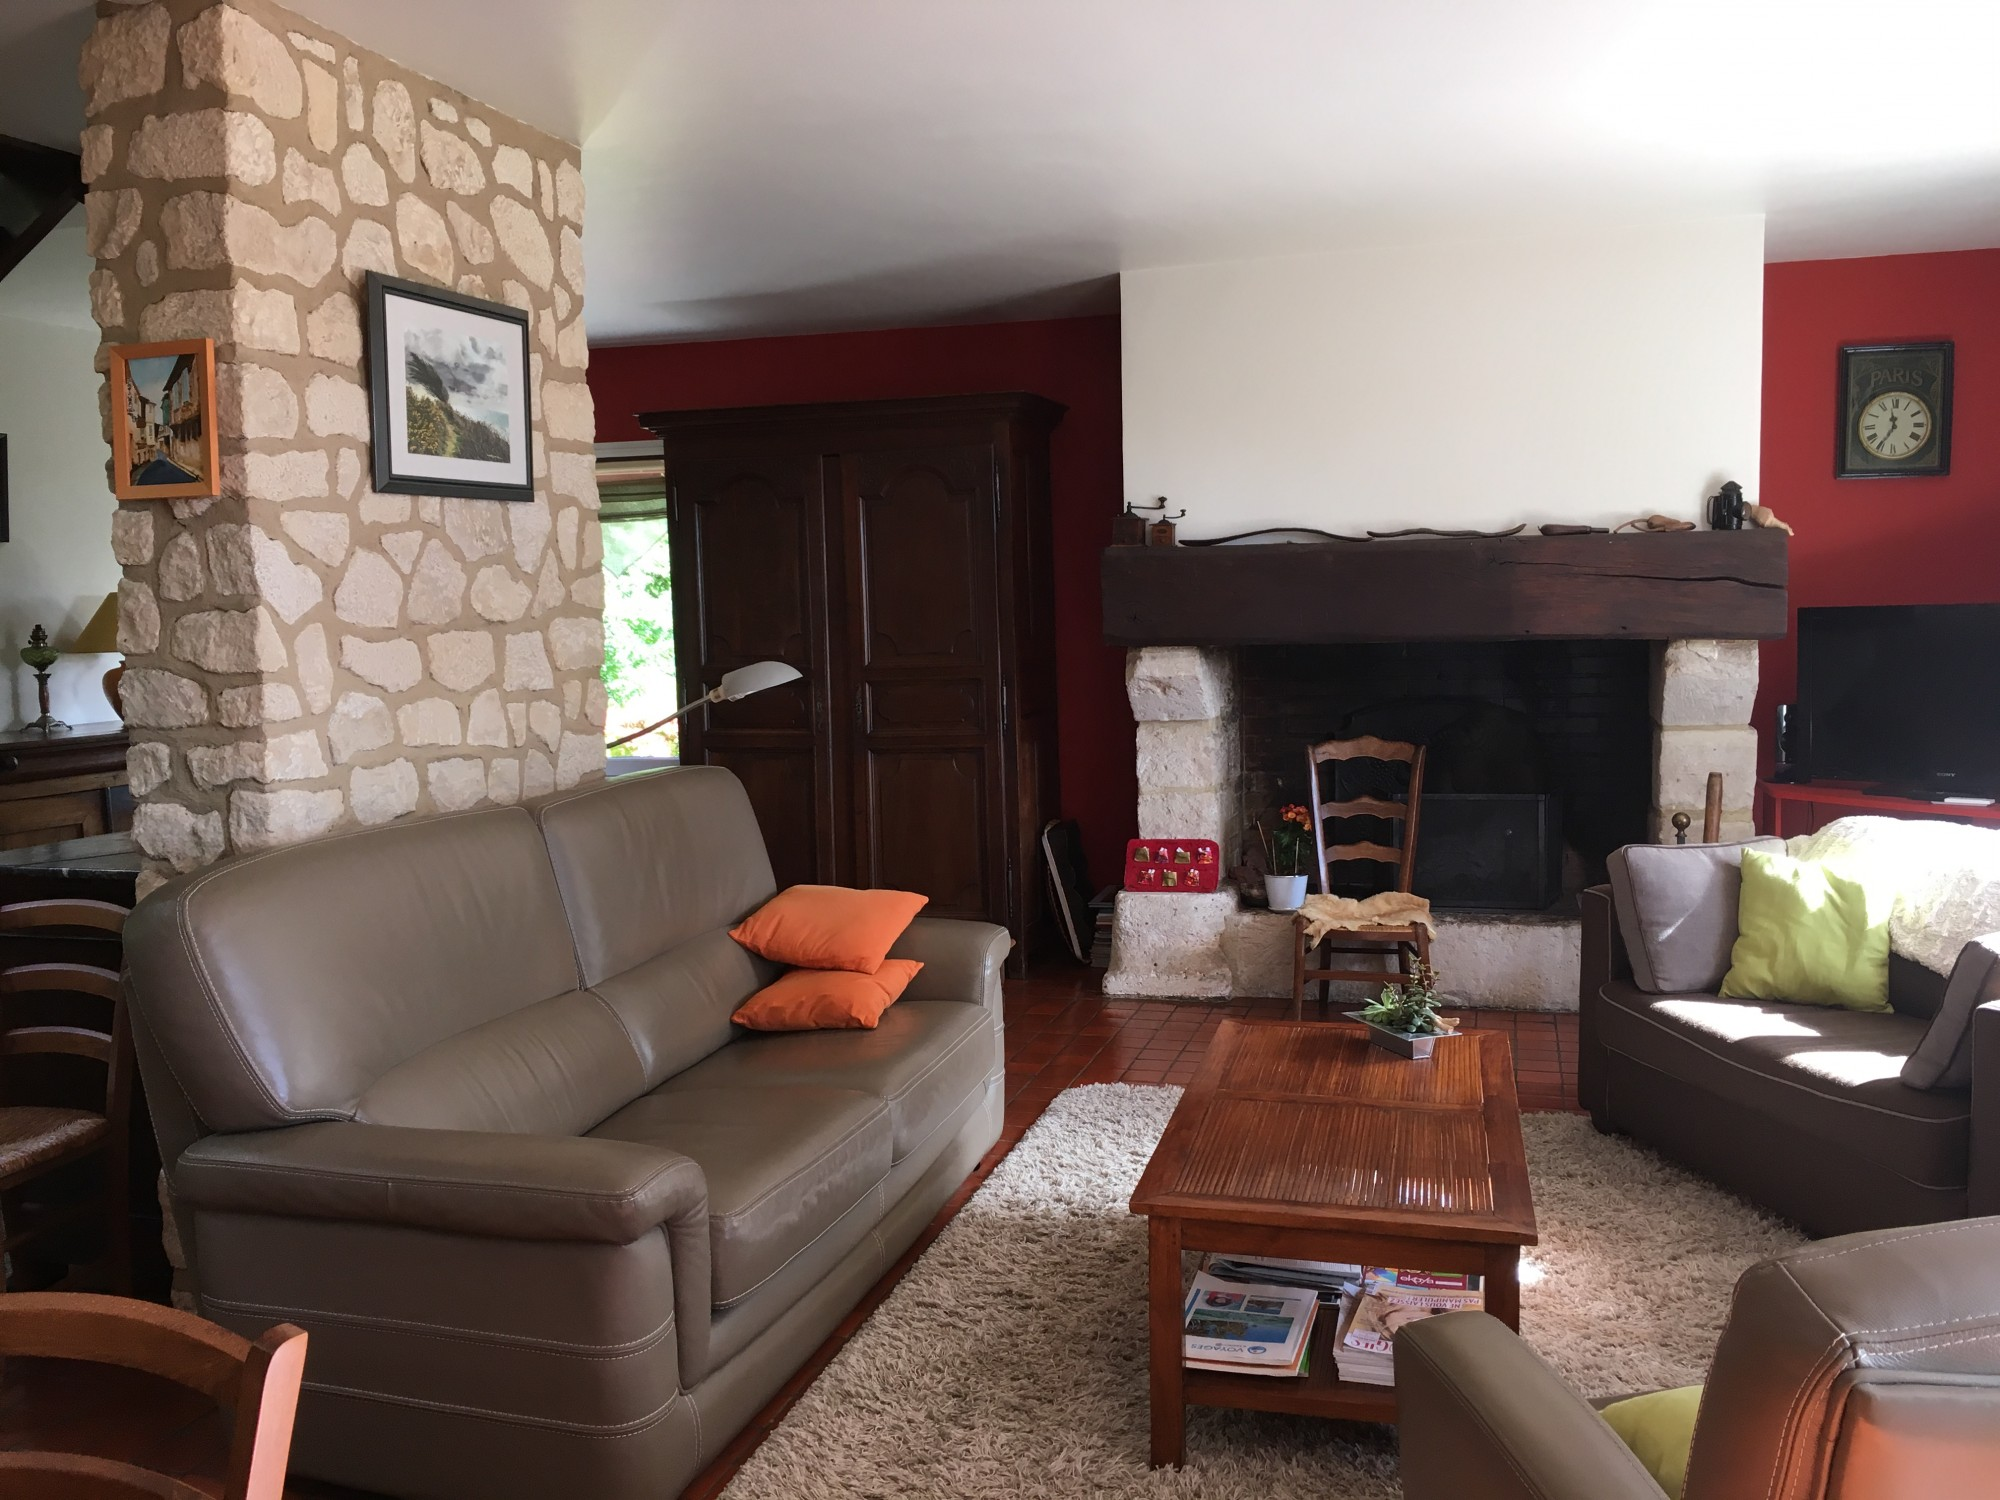 maison d 39 architecte r gion lisieux calvados 14 terres et demeures de normandie. Black Bedroom Furniture Sets. Home Design Ideas